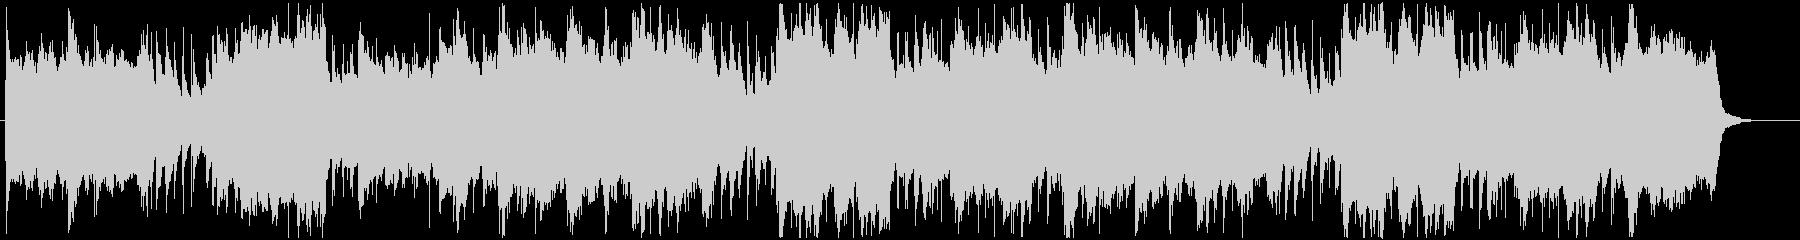 ハープ、マンドリン、ピアノのアクセ...の未再生の波形